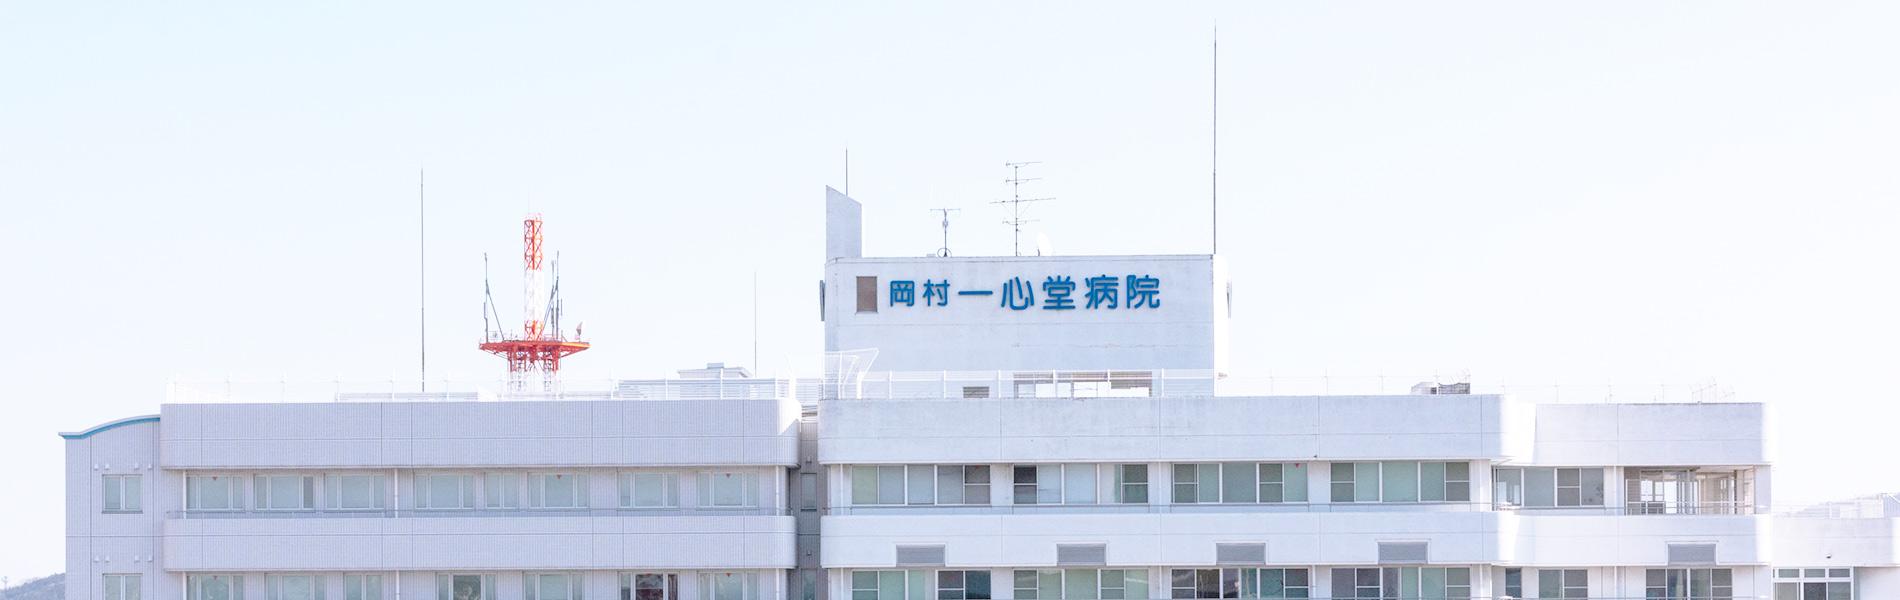 より良い治療を地域の人々に 岡村一心堂病院 スライド